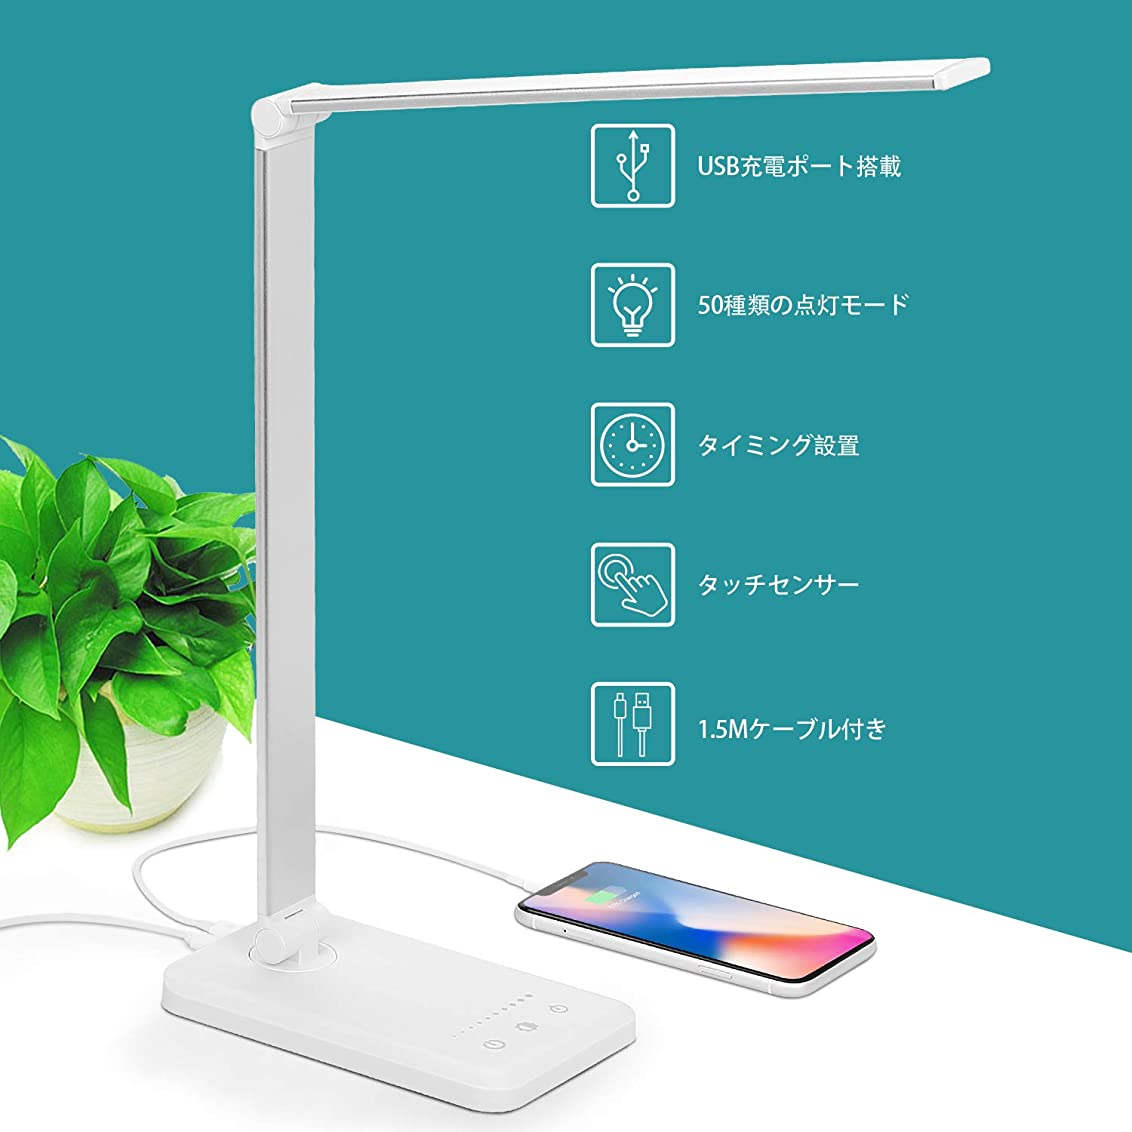 リアルサイトラインバラバラにするROYIデスクライト LED 電気スタンド 卓上ライト 目に優しい スタンドライト デスクランプ タッチセンサー 調光/光色切替 50種類の光り設定 10段階調光 5段階調色 メモリー タイマー機能搭載 折り畳み式 省エネ 読書 勉強 仕事 ライトデスクライト USBポート付き シルバー